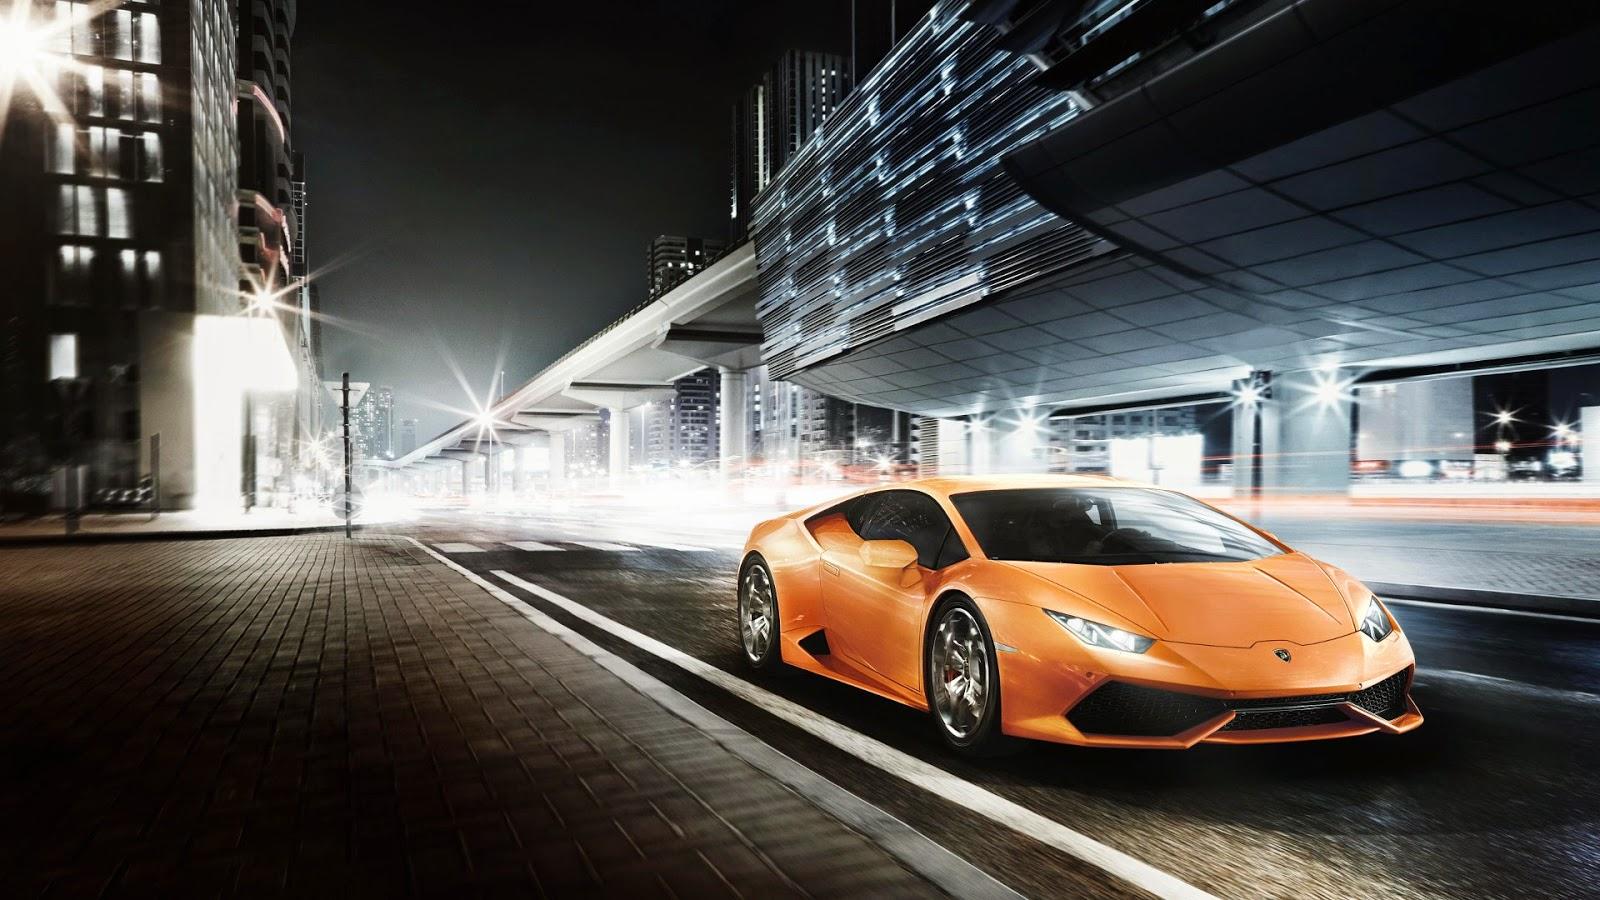 Imagenes de Autos Modificados: Wallpaper HD de carros ...